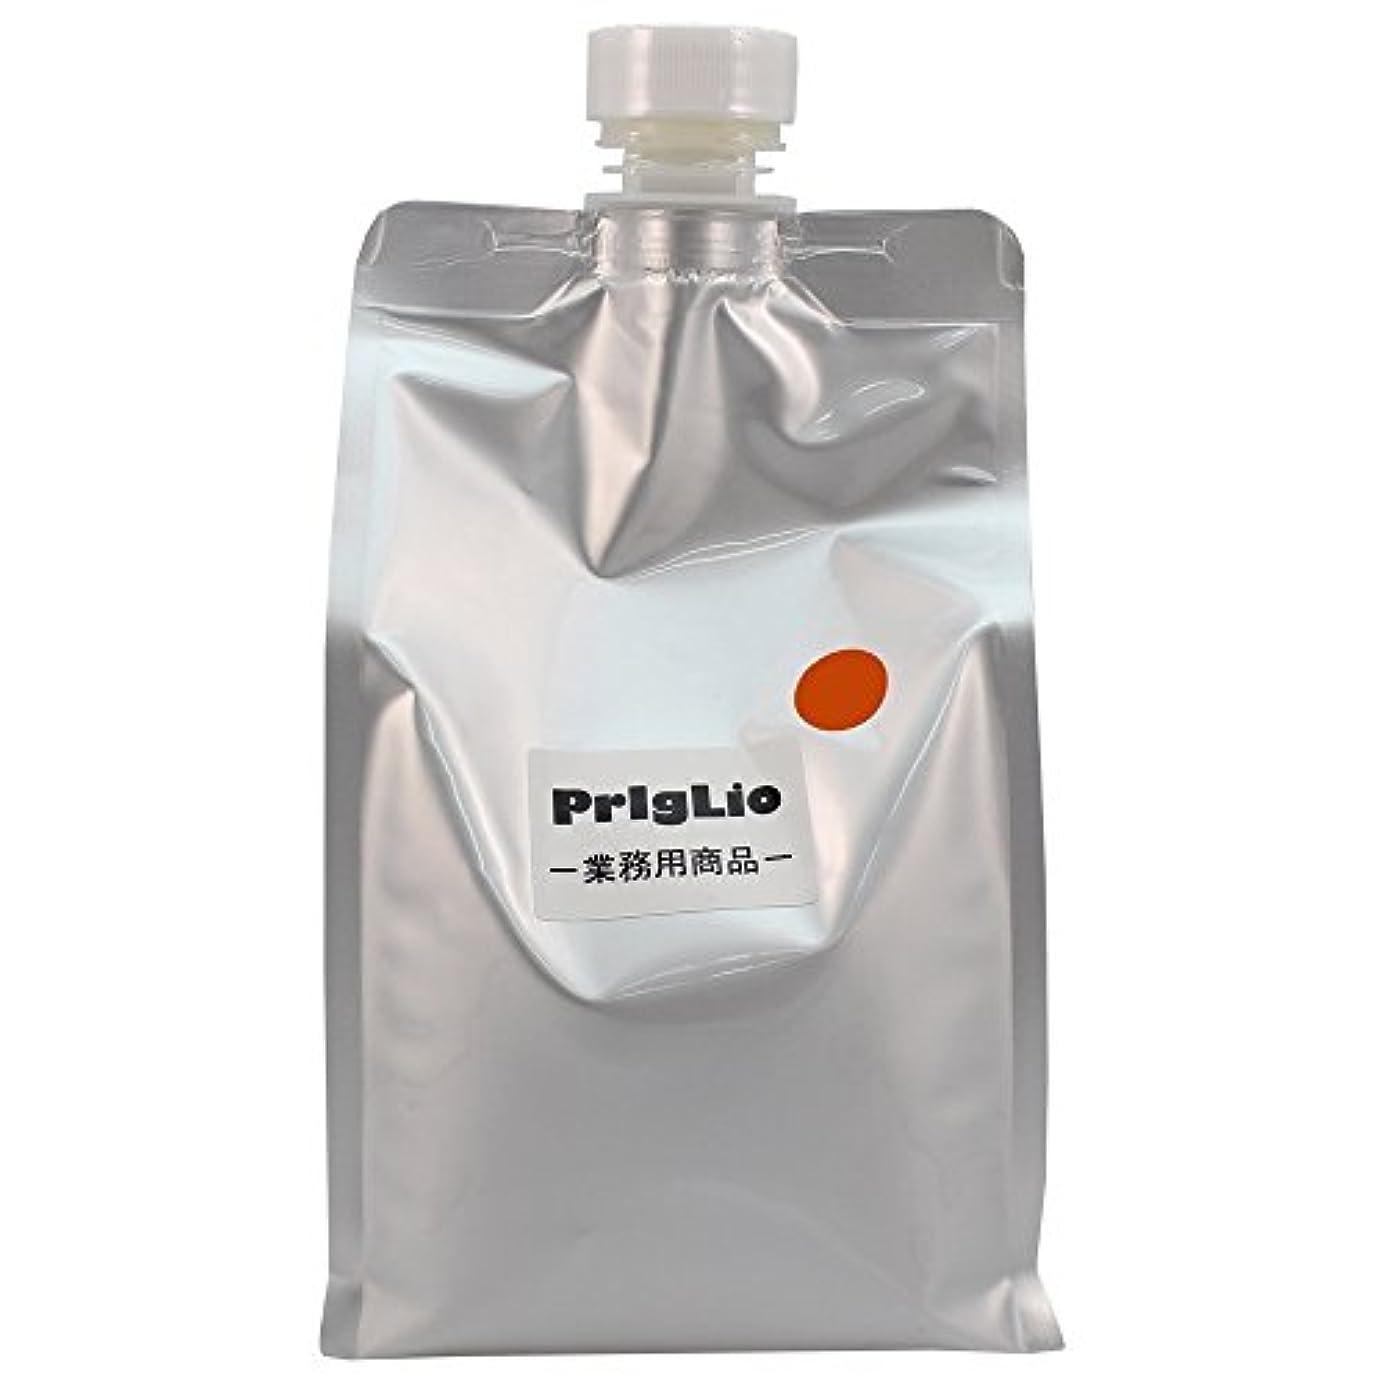 プリグリオD ヘアサプリメント オレンジ 900ml